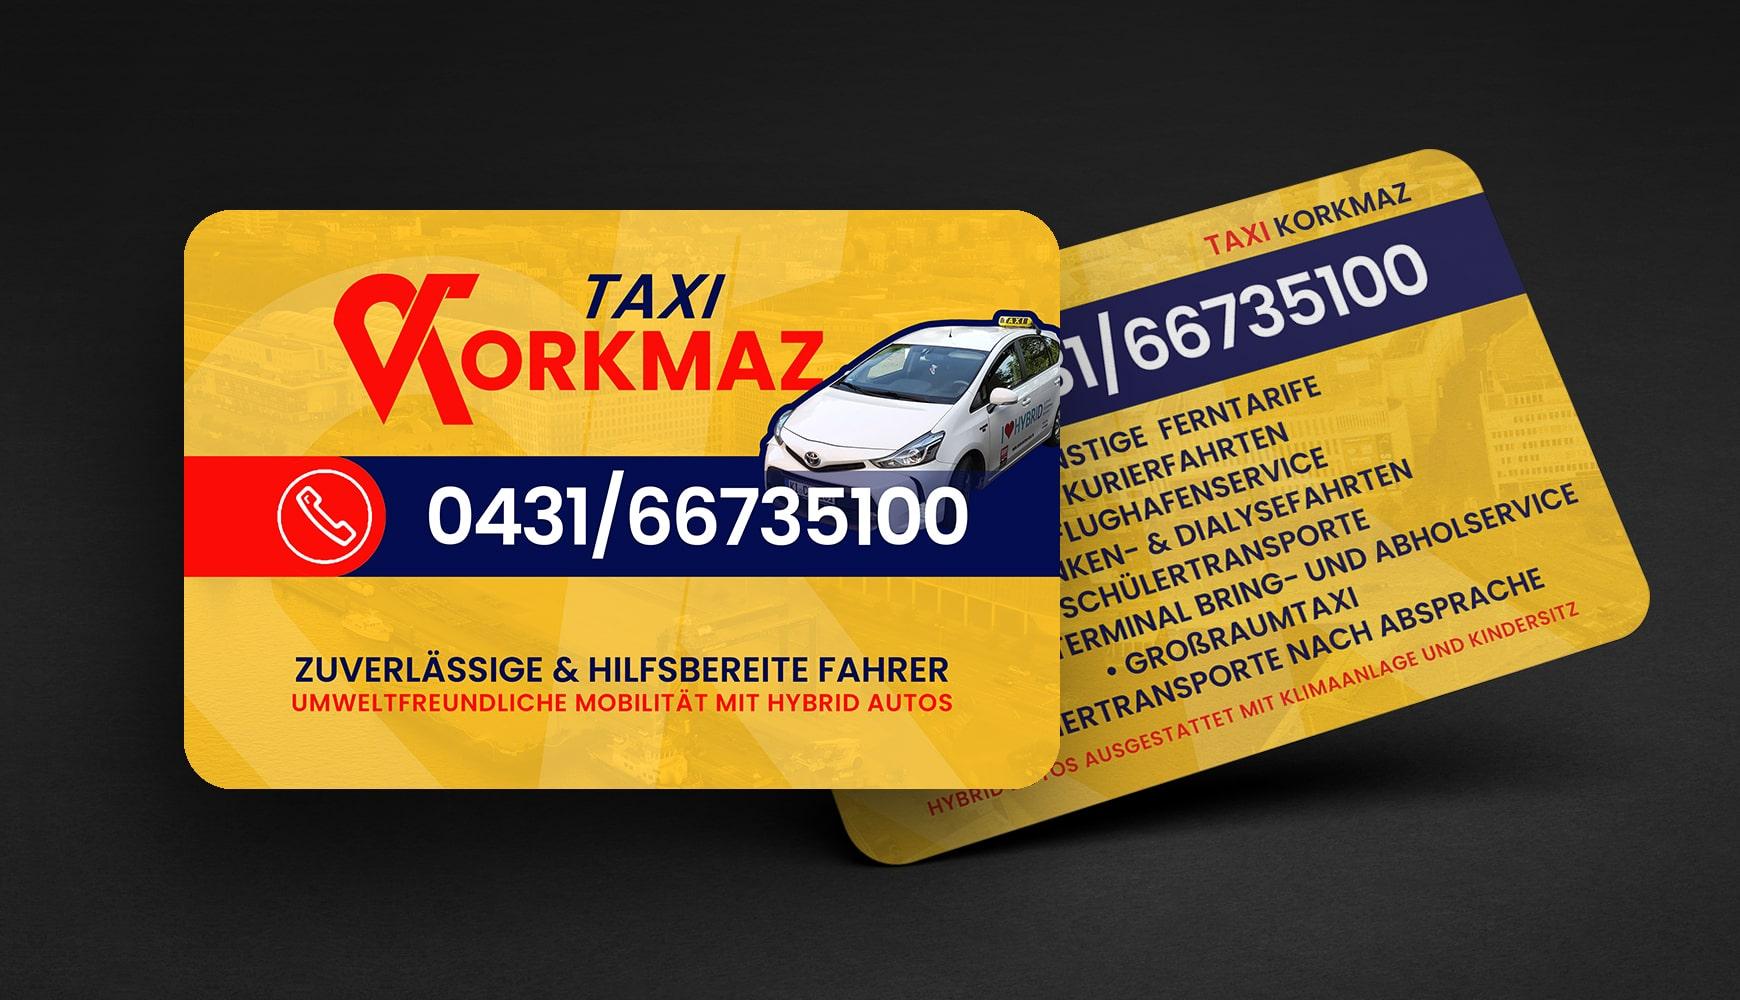 Taxi Korkmaz Kiel